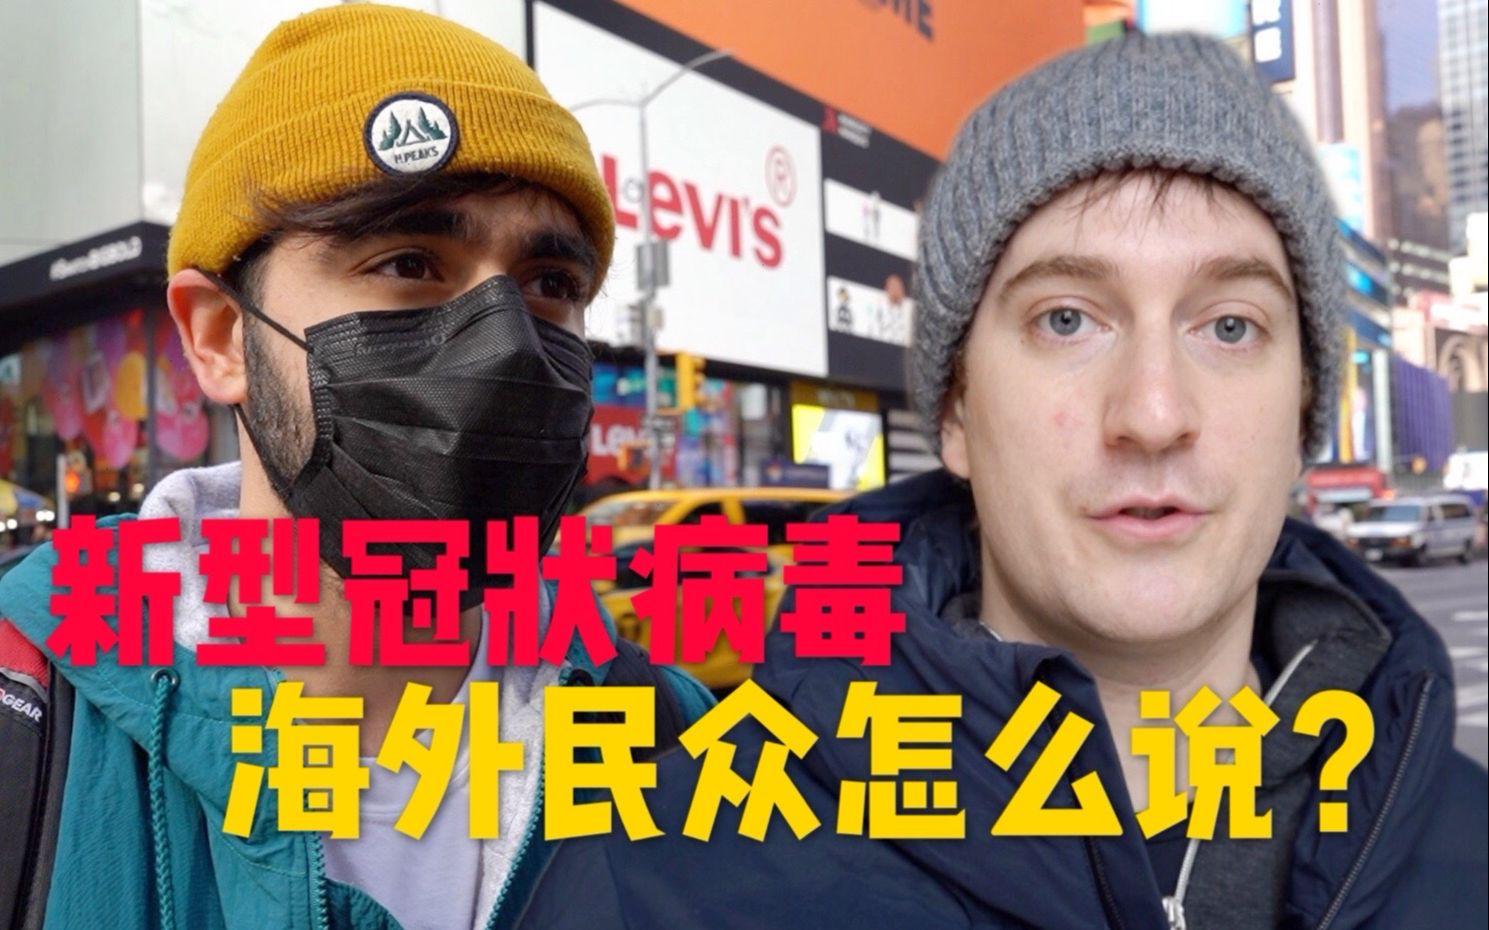 武汉肺炎|街访美国路人,海外网友怎么看新型冠状病毒?